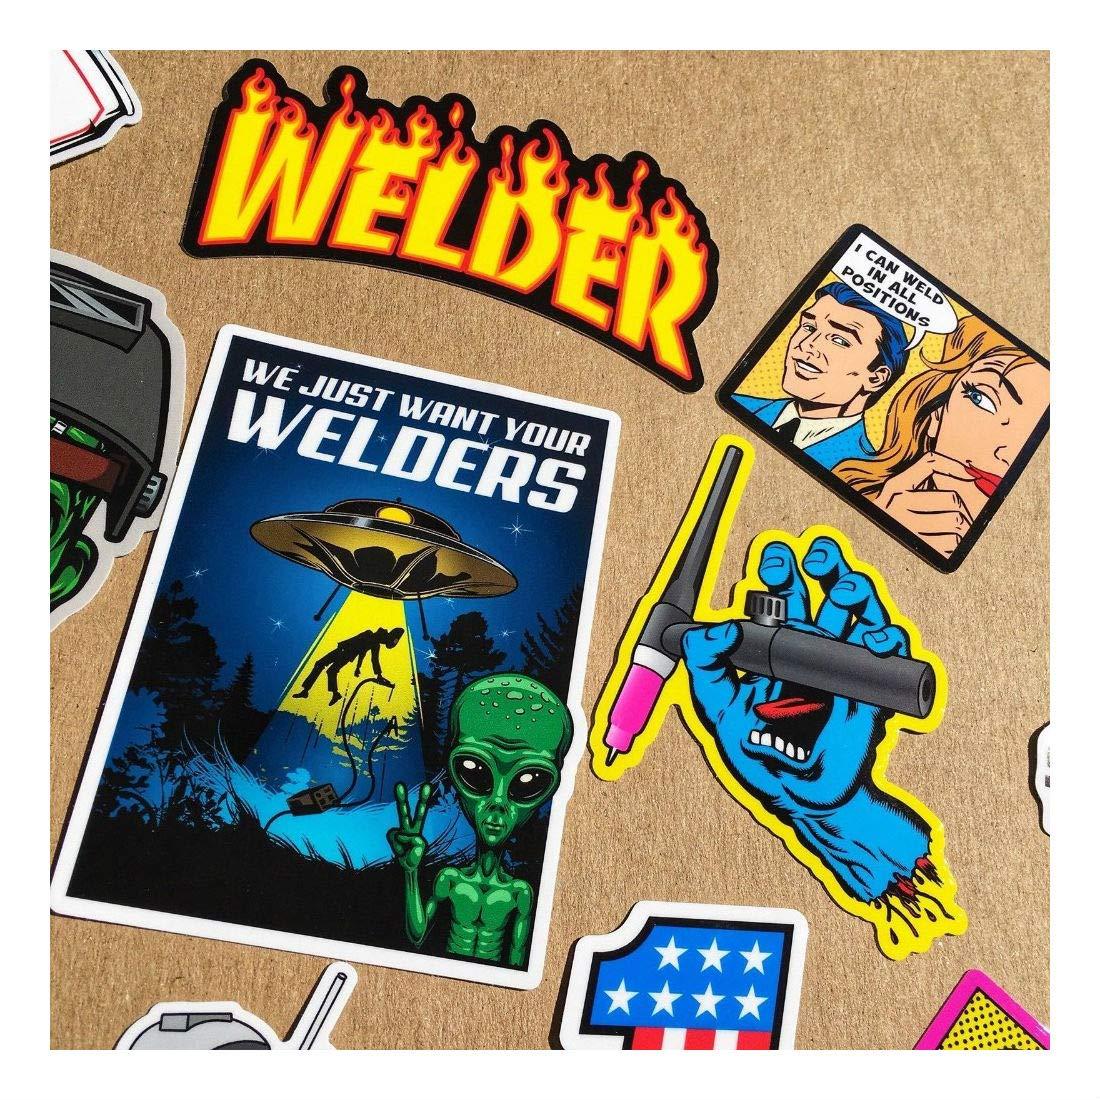 New Welder 40+ Hard Hat Stickers Hardhat Sticker & Decals, Welding Helmet, Hood by Unknown (Image #4)